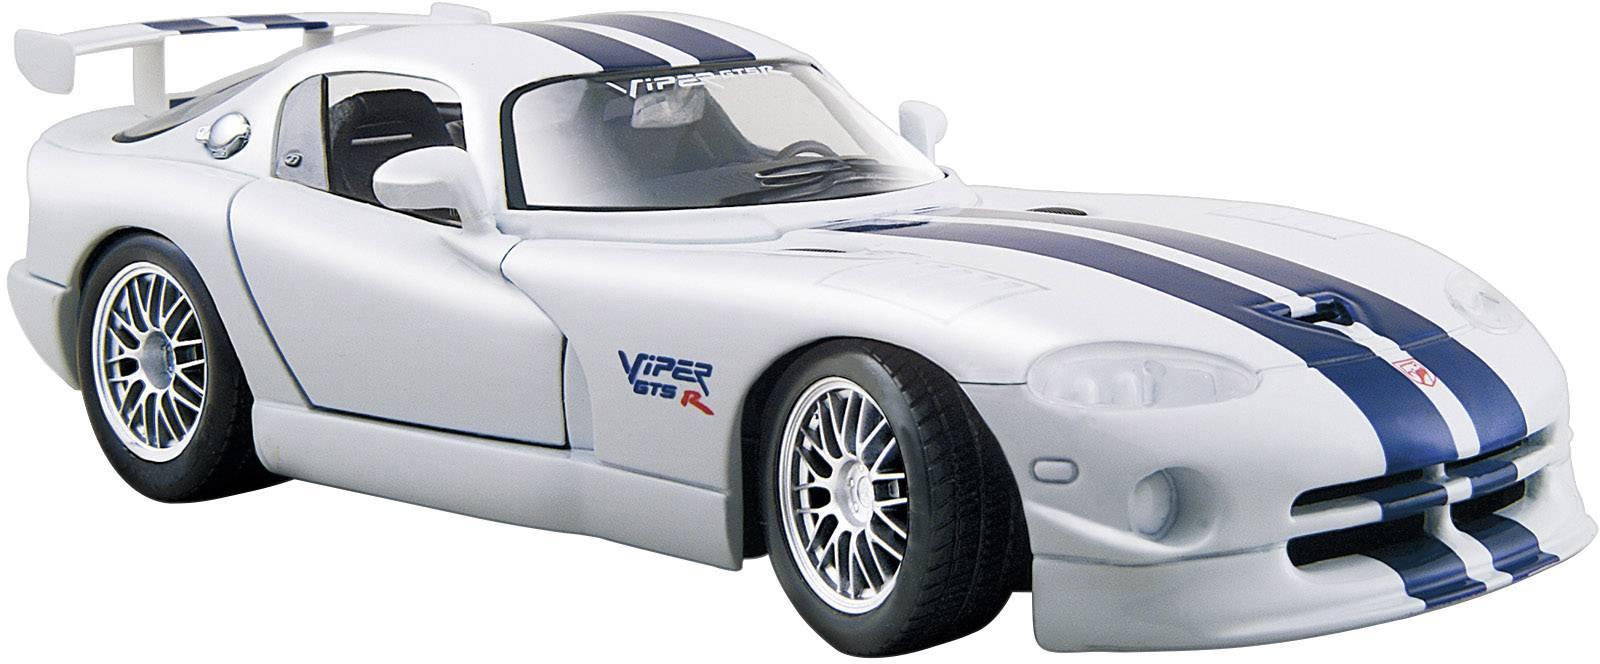 Model auta Maisto Dodge Viper GT2, 1:24